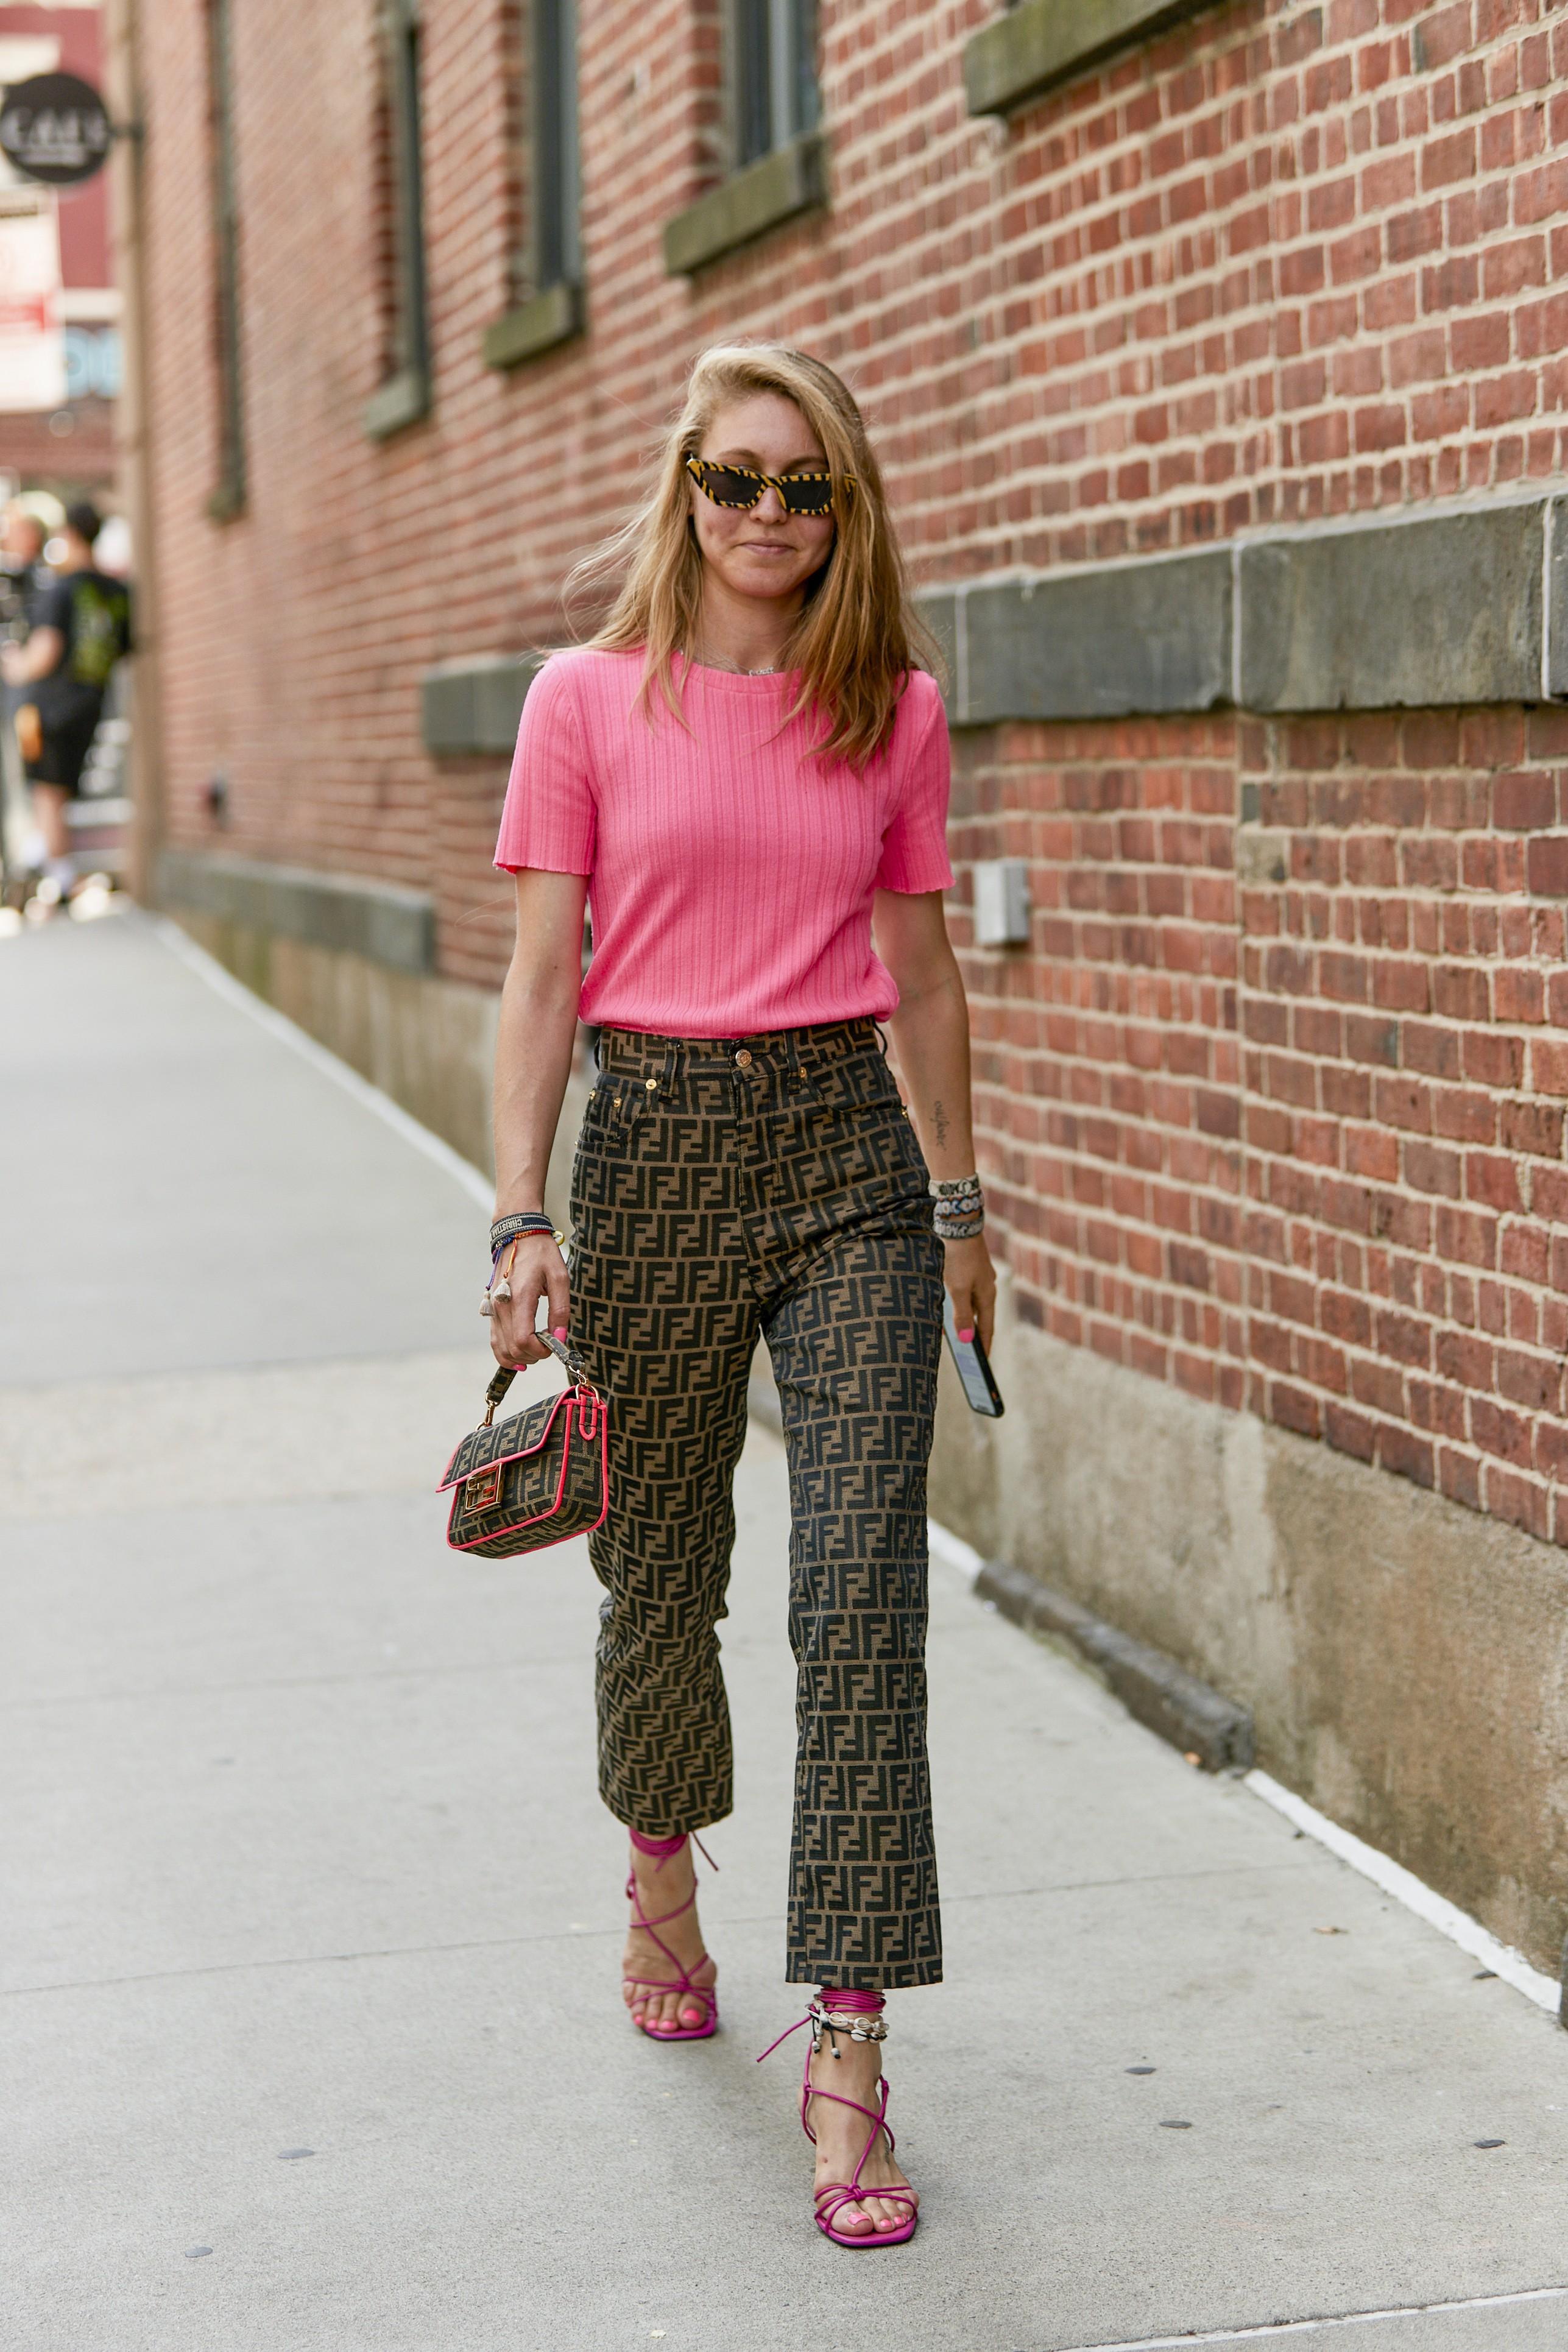 Resultado de imagem para É cor de rosa-shocking! O tom é o favorito dos fashionistas no street style da temporada verão 2020